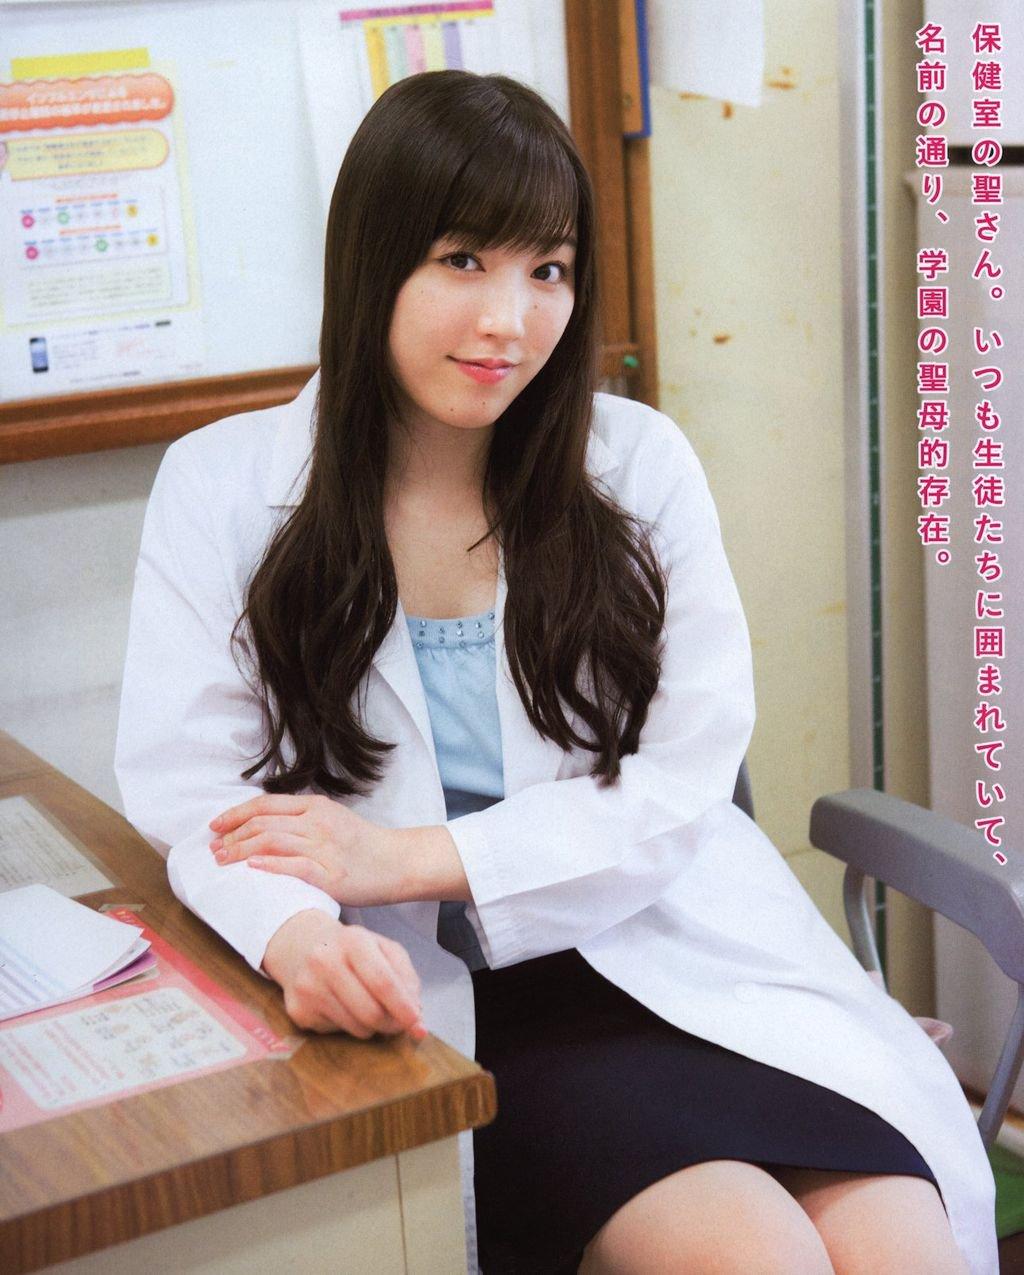 Fukumura Mizuki (譜久村聖), Magazine, Morning Musume (モーニング娘。)